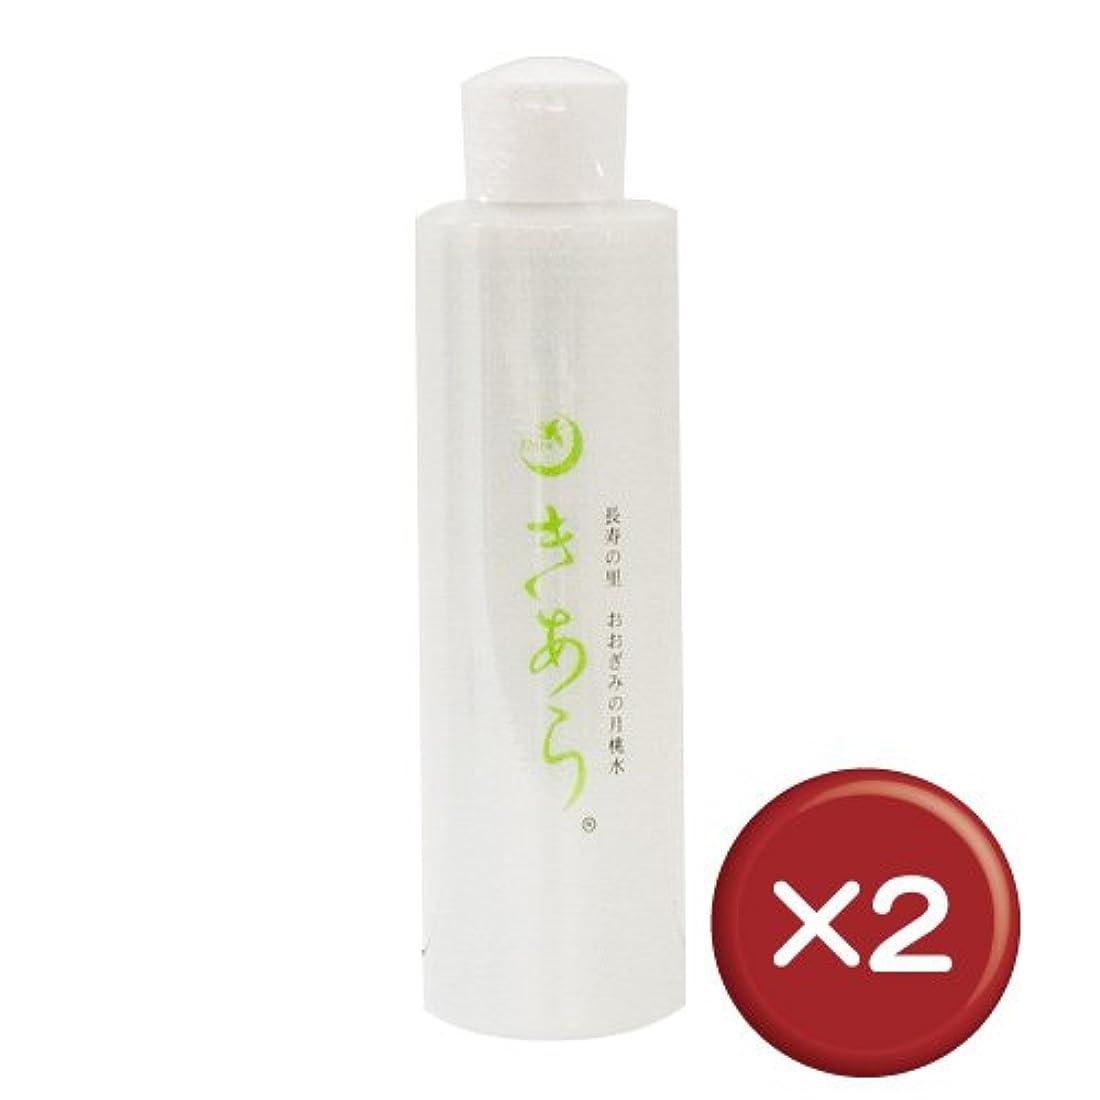 備品アラスカピュー化粧水きあら(詰替え用) 200ml 2本セット